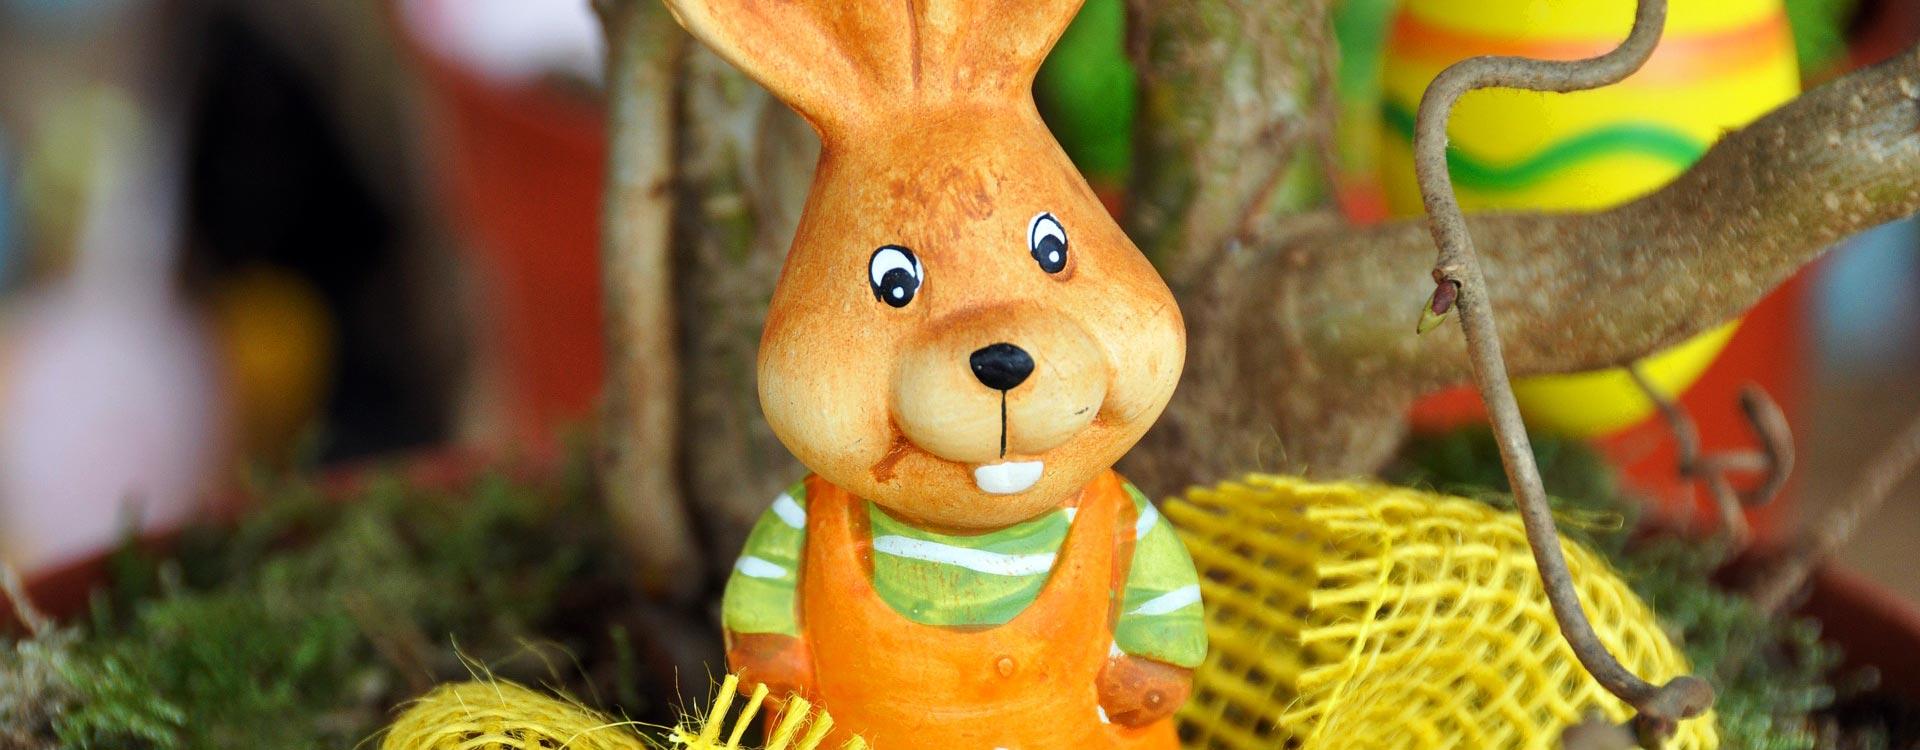 Hoffnung spenden, Freude feiern... das ist Ostern und so schmeckt auch die Osterschokolade von chocri